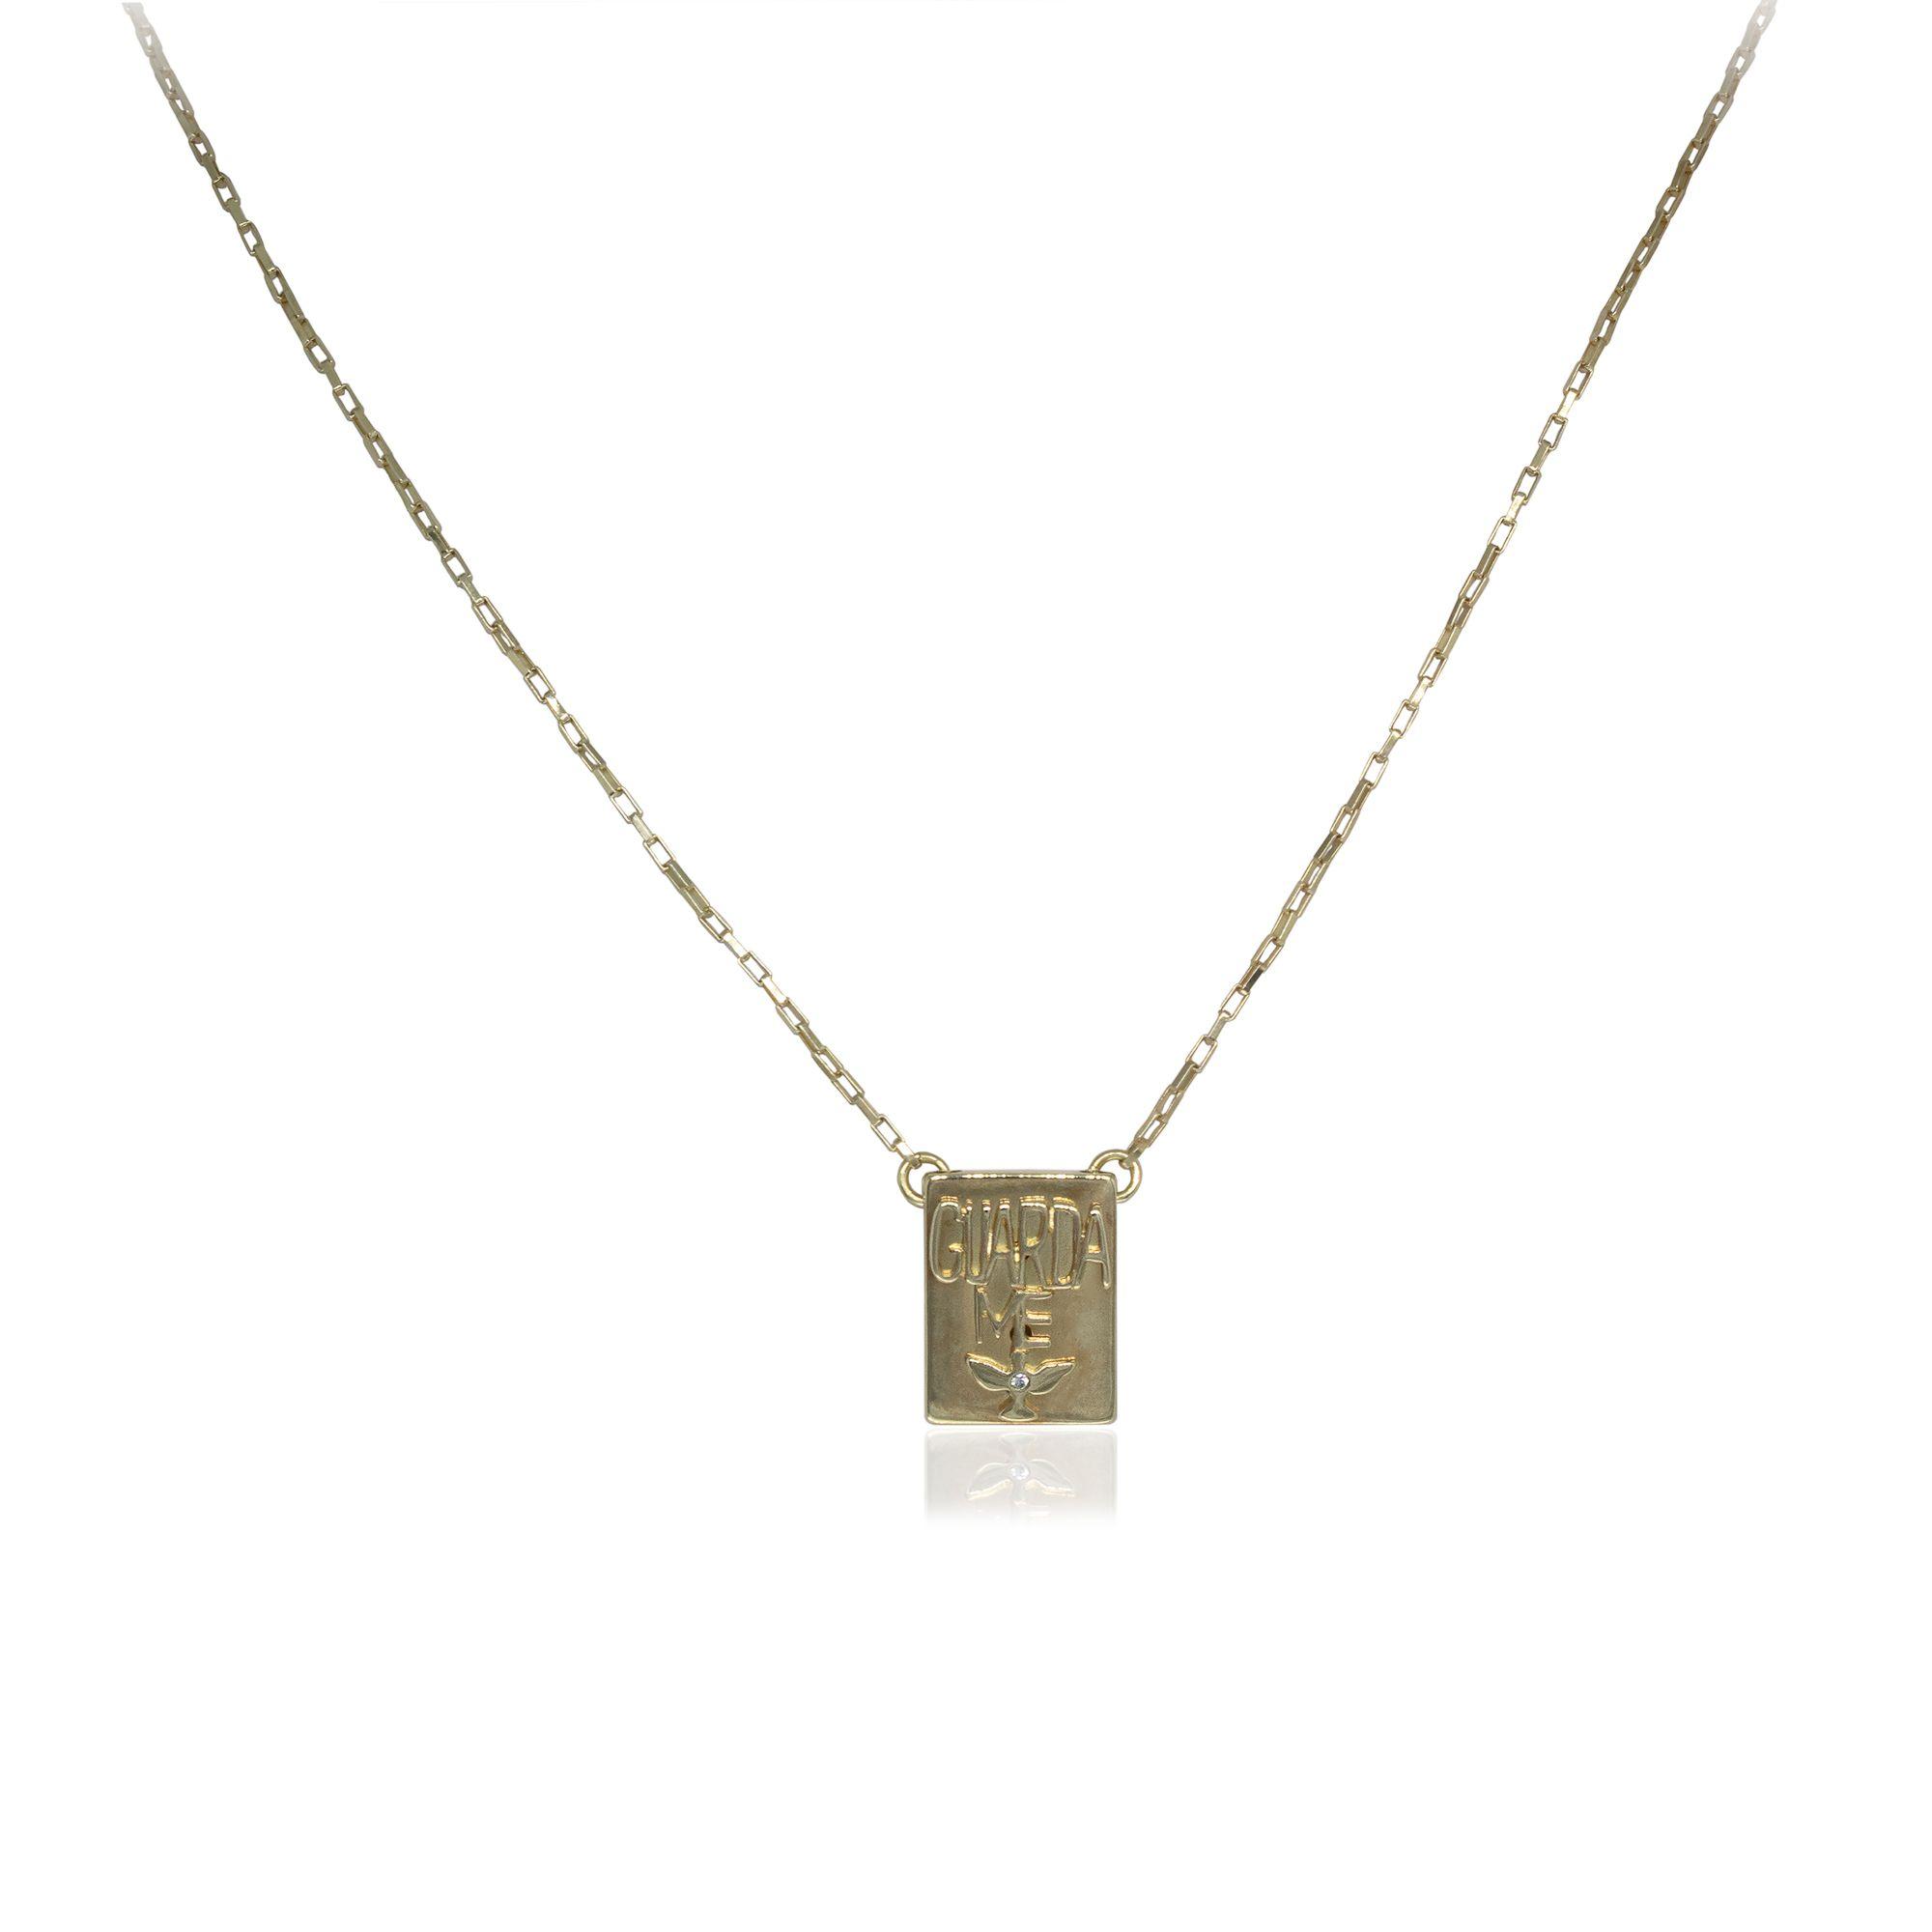 Escapulário semijoia Nossa Senhora Aparecida folheado a ouro 18k ou rhodium